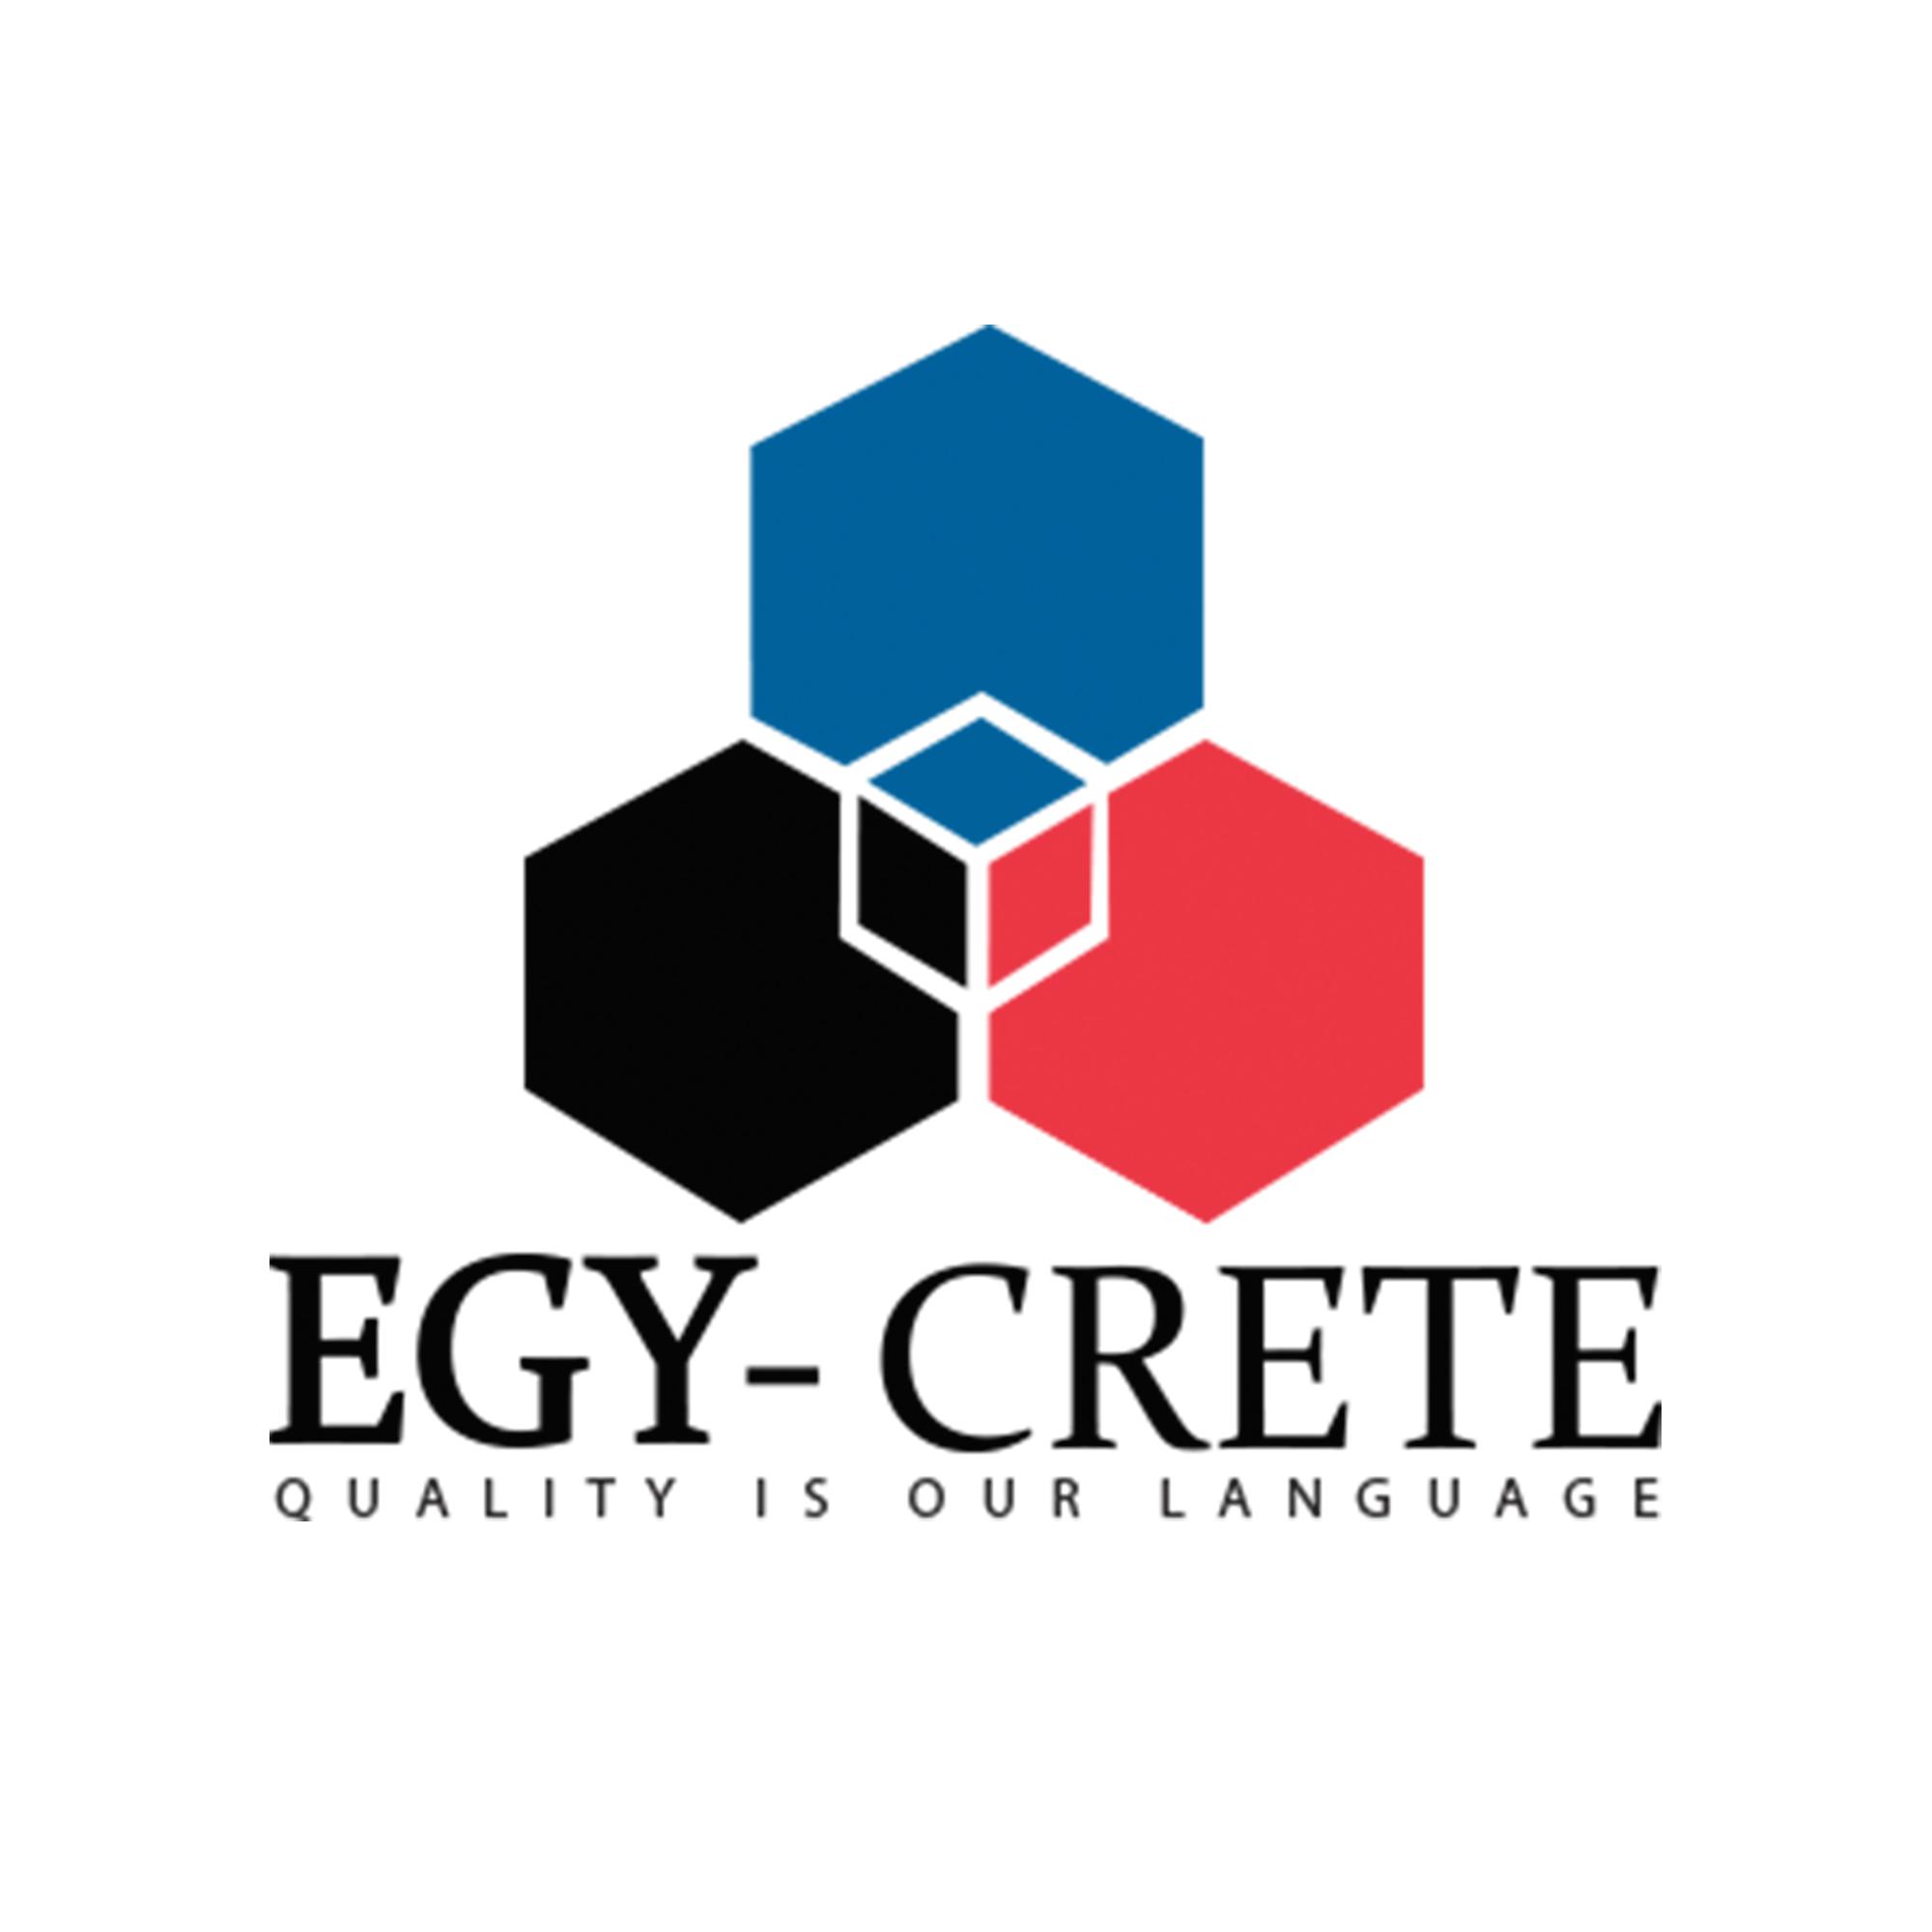 إيجي كريت – رائدة صناعة المُنتجات الإسمنتية في الشرق الأوسط